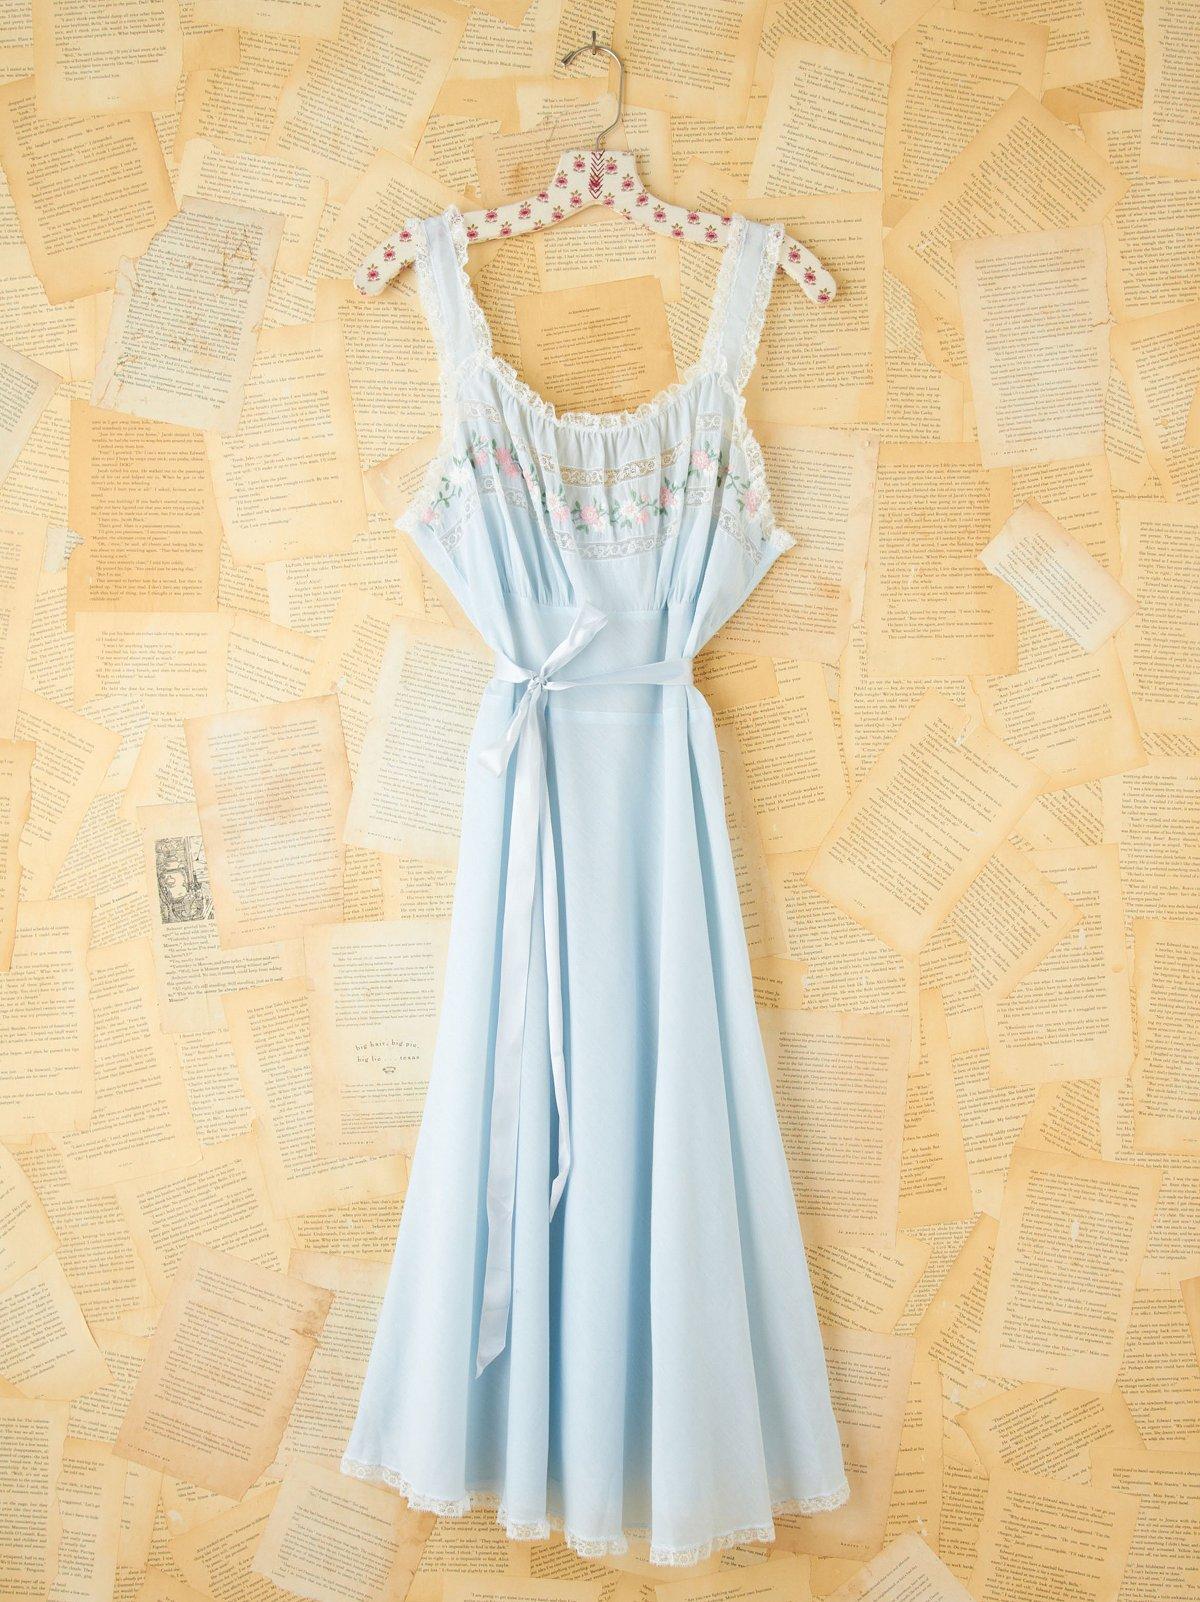 Vintage Blue Cotton Lace Tank Dress